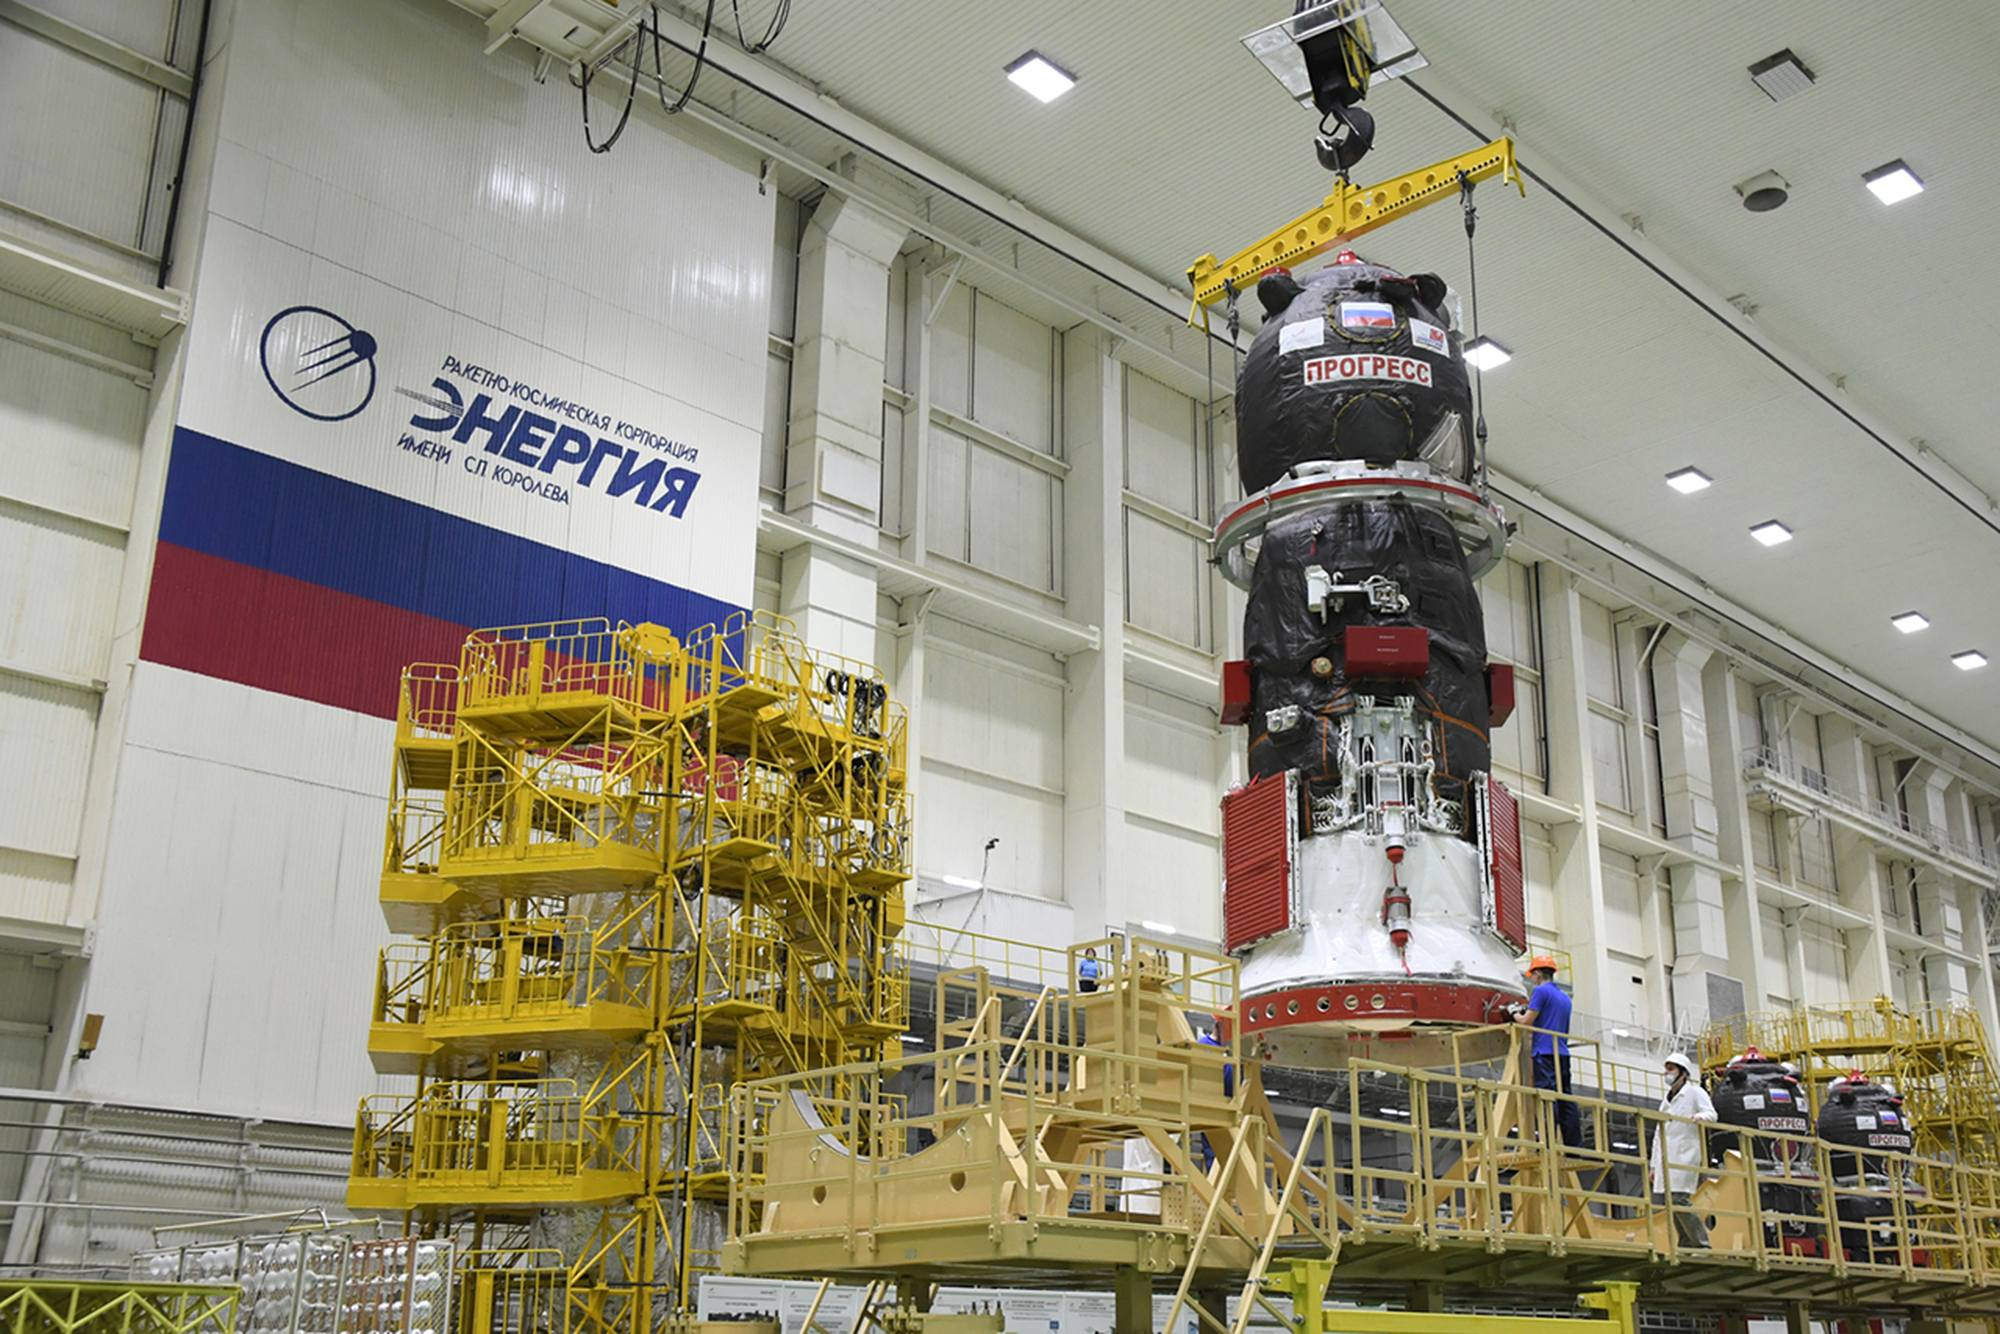 Le cargo Progress lors de son replacement sur le stand de préparation.